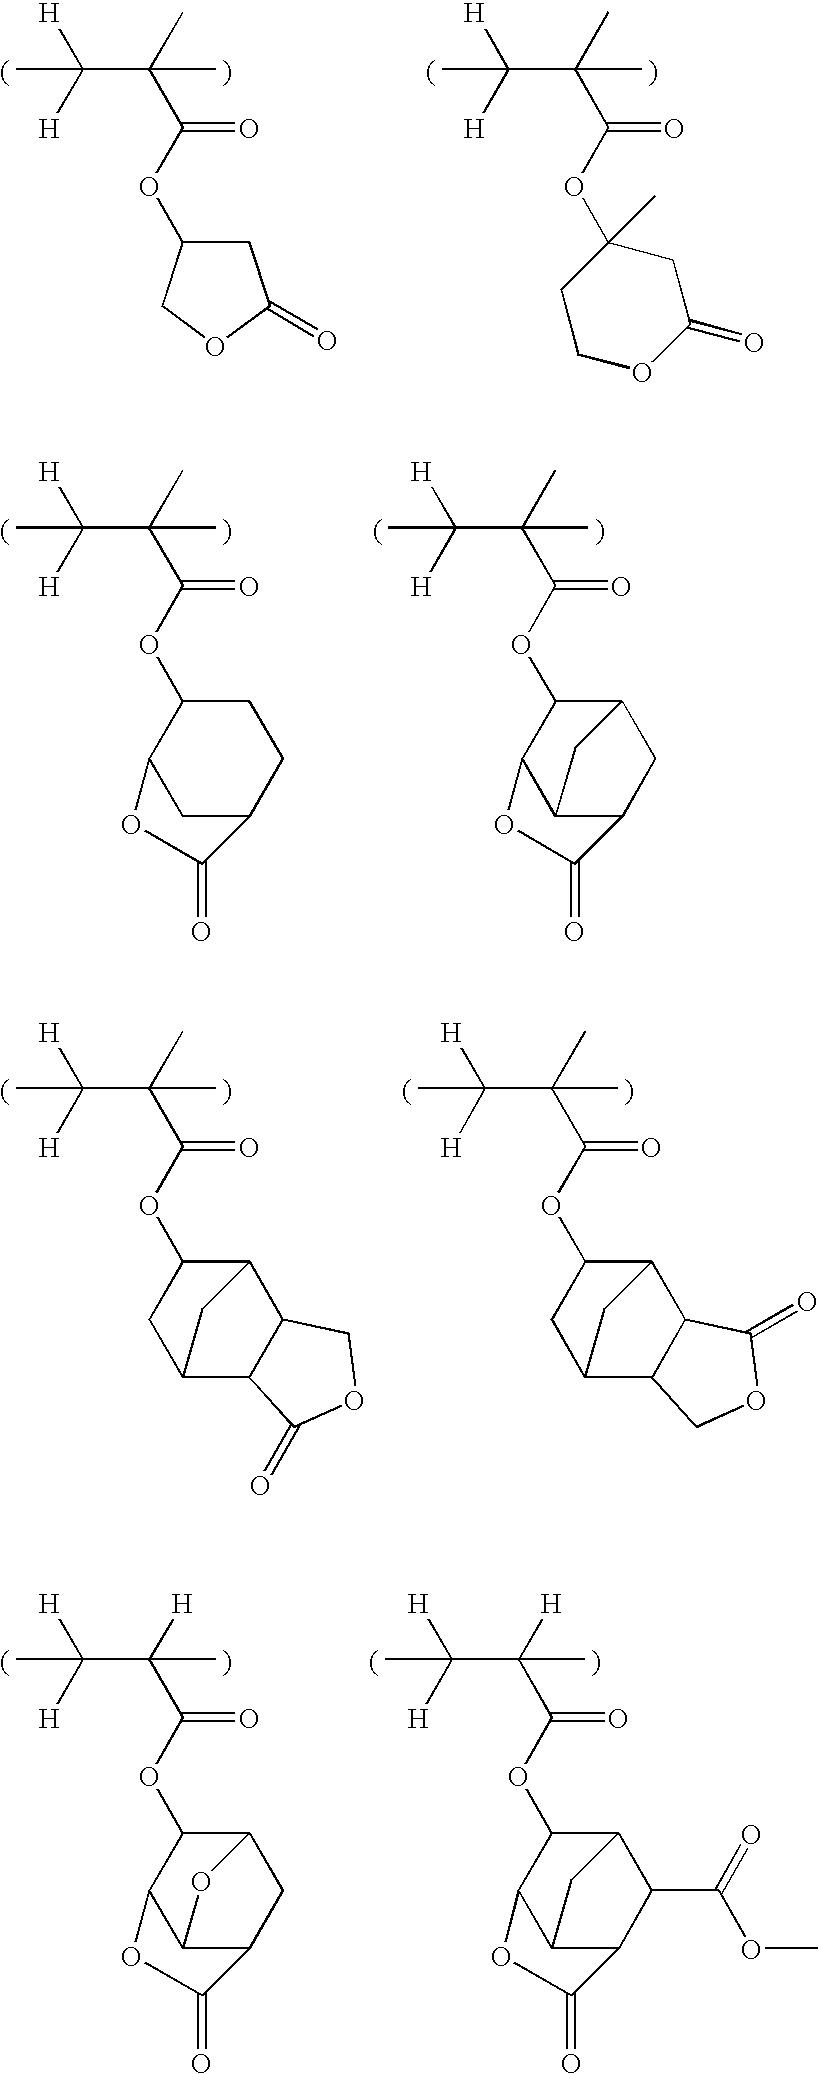 Figure US07687222-20100330-C00044